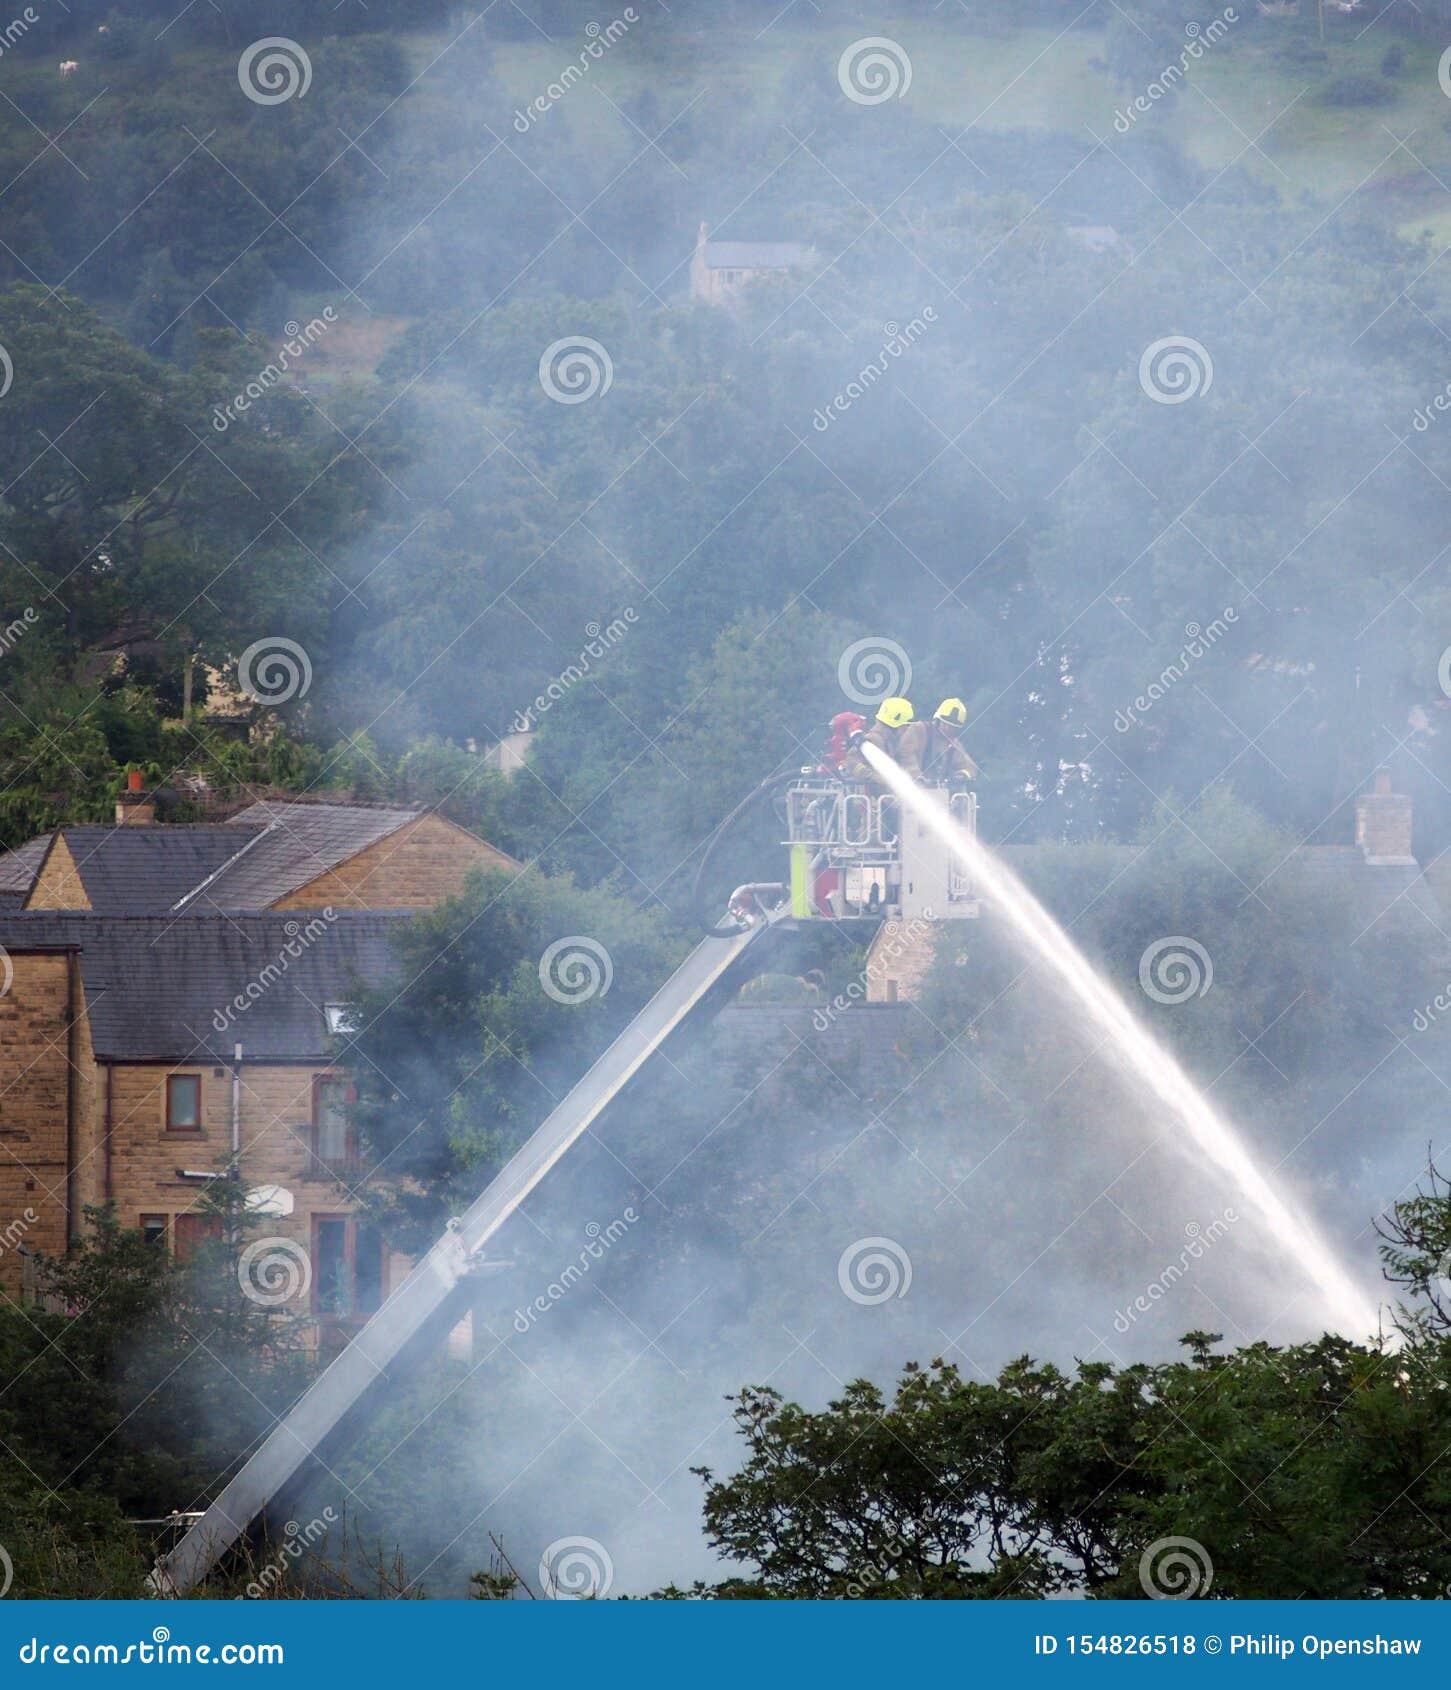 Οι πυροσβέστες σε μια ανυψωμένη πλατφόρμα που σβήνει την πυρκαγιά στον προηγούμενο clogs walkeys μύλο μέσα η γέφυρα